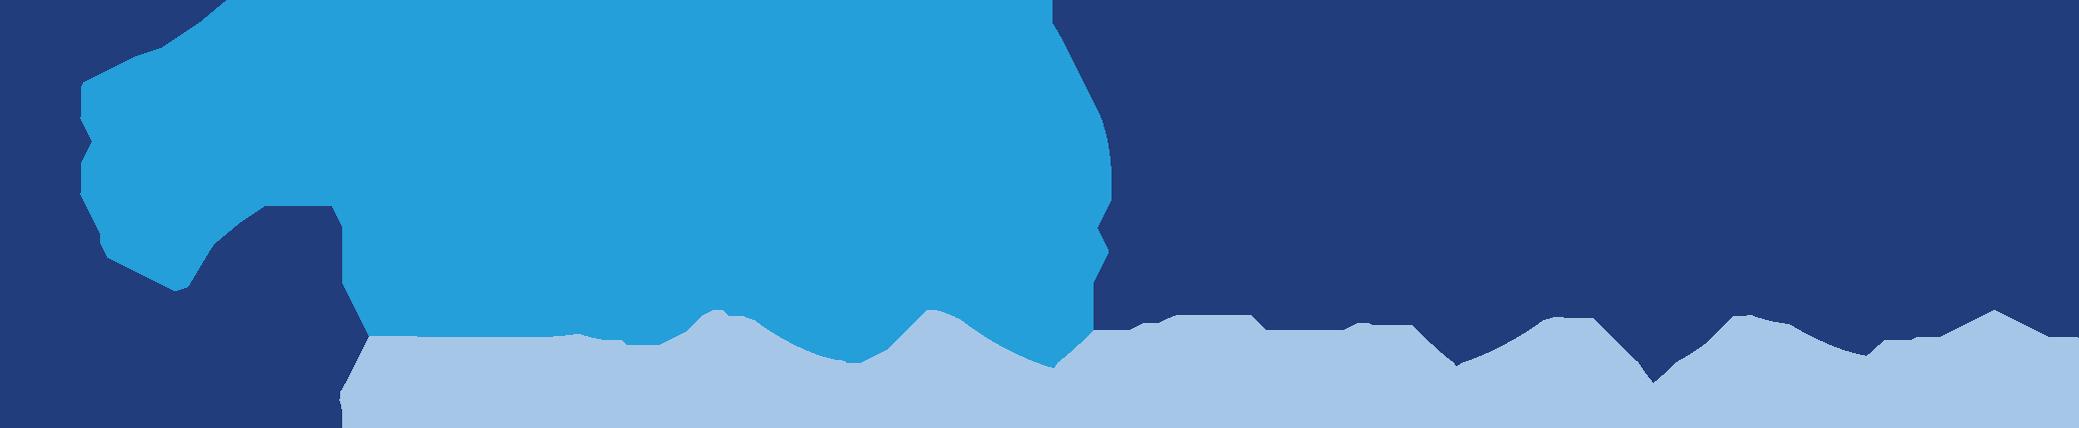 BlueFletch